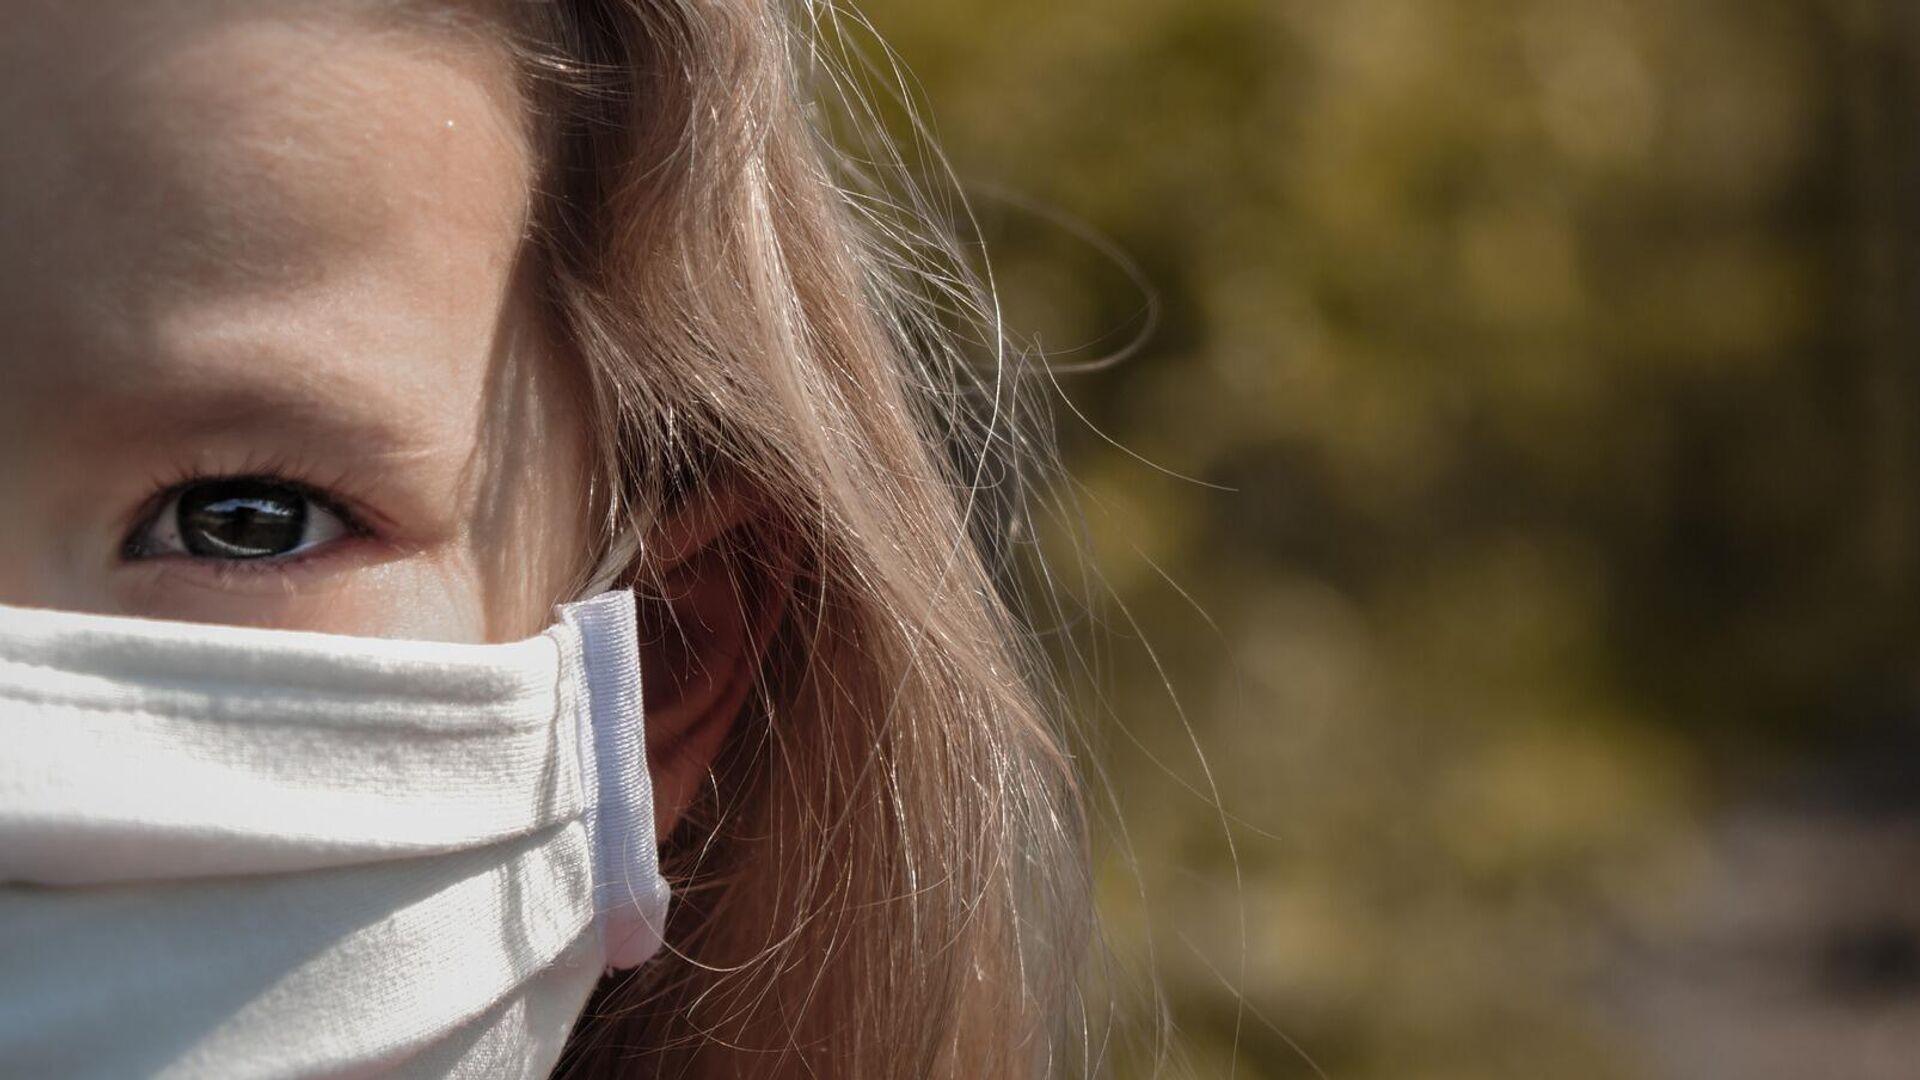 Mädchen in einer Gesichtsmaske (Symbolbild) - SNA, 1920, 20.09.2021